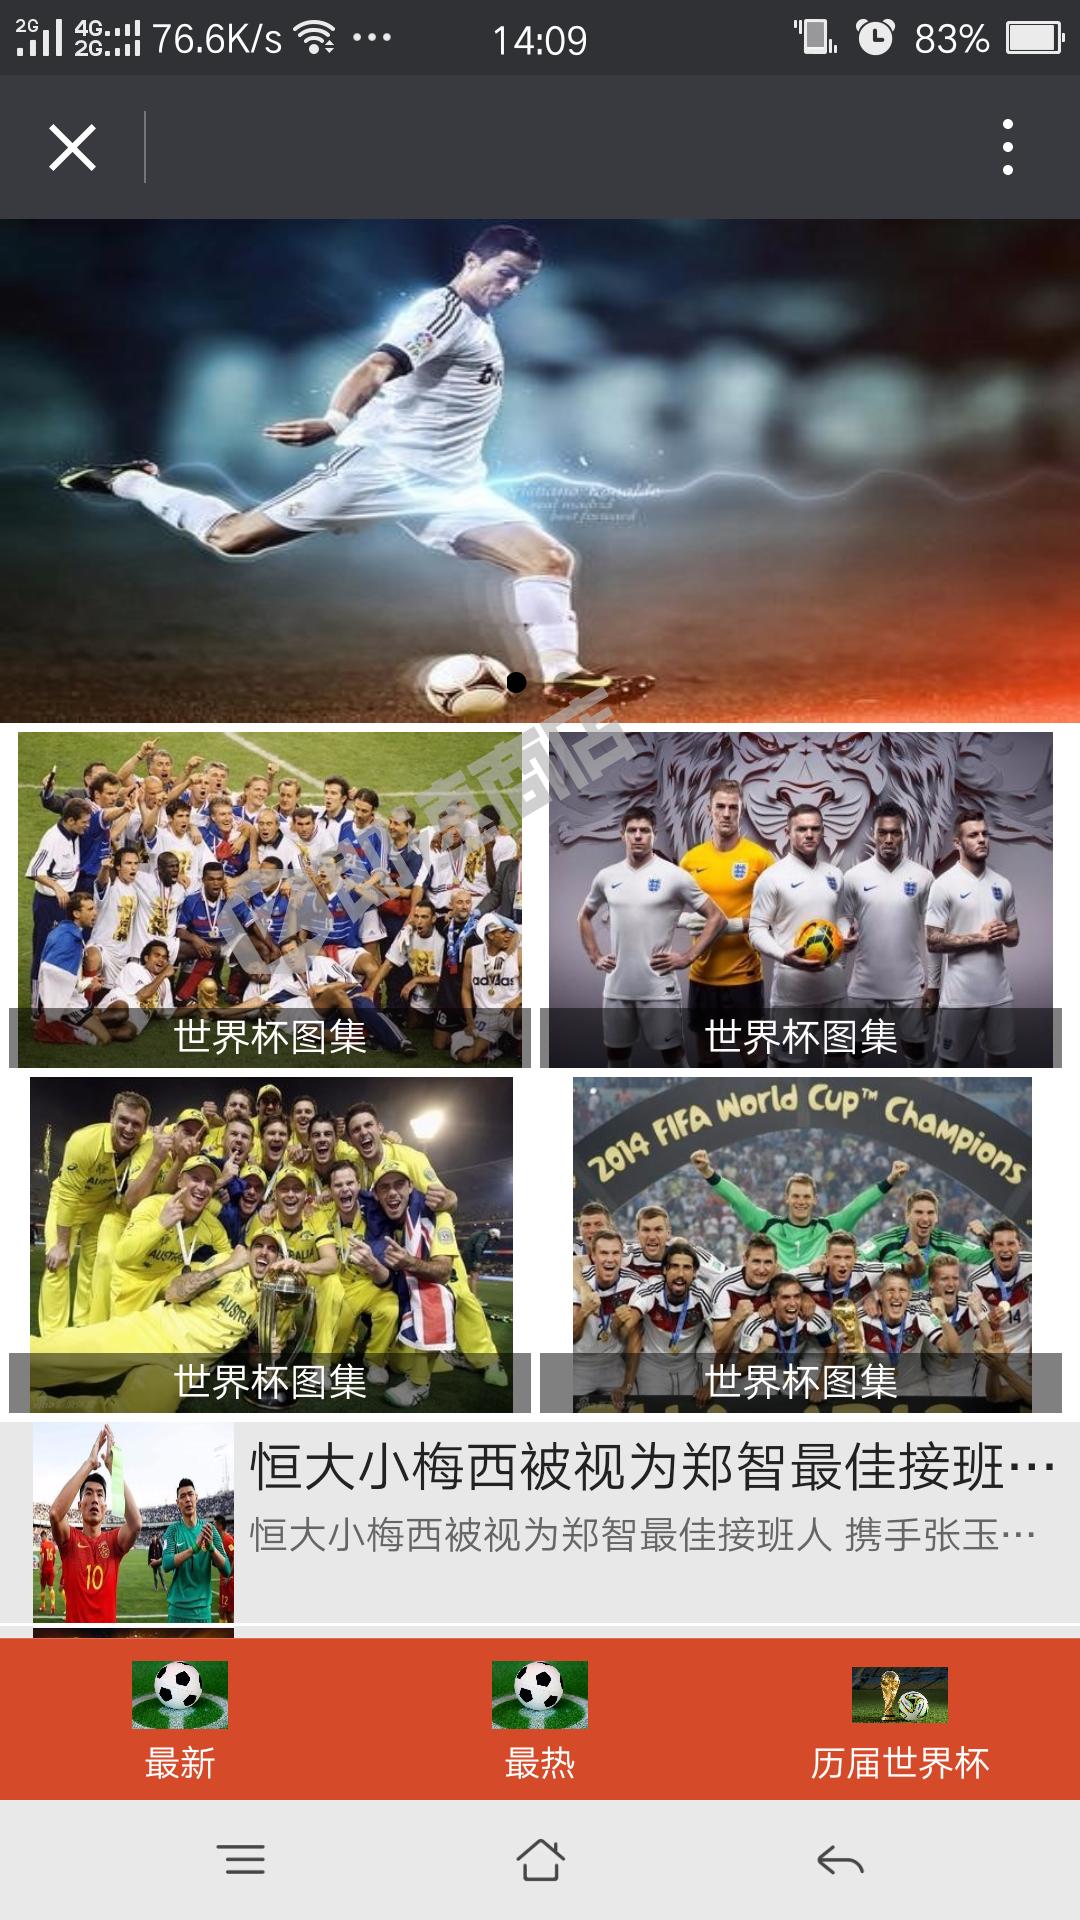 世界杯足球时事小程序列表页截图